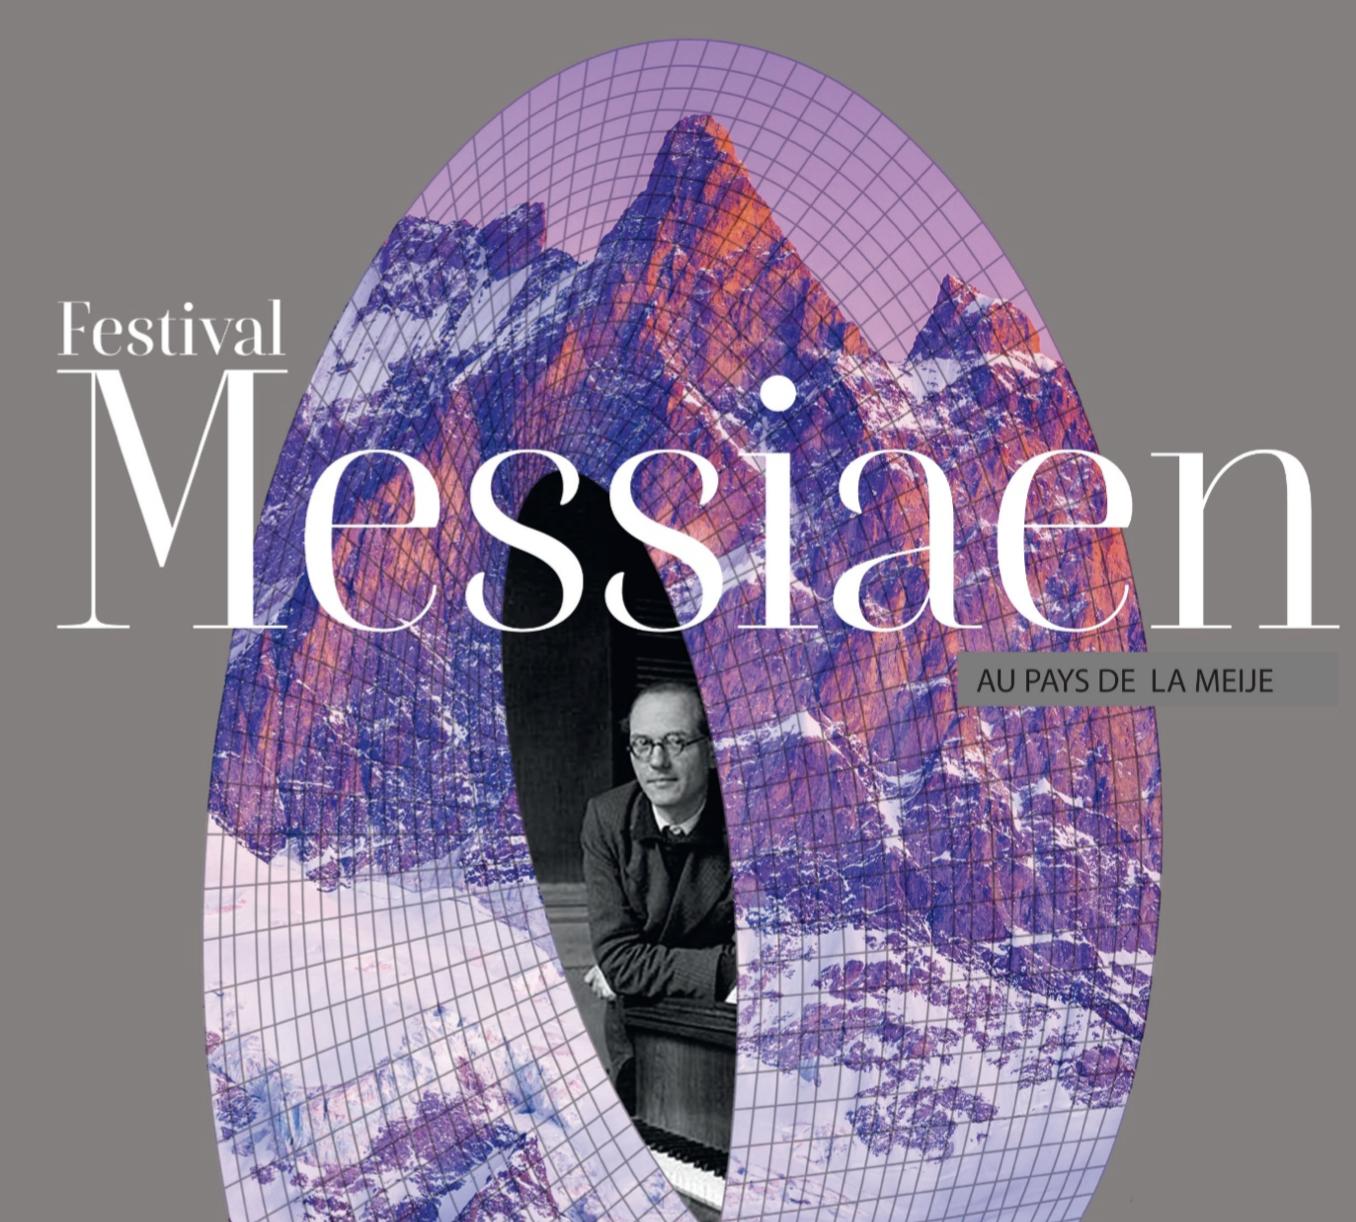 Archivé: FESTIVAL MESSIAEN